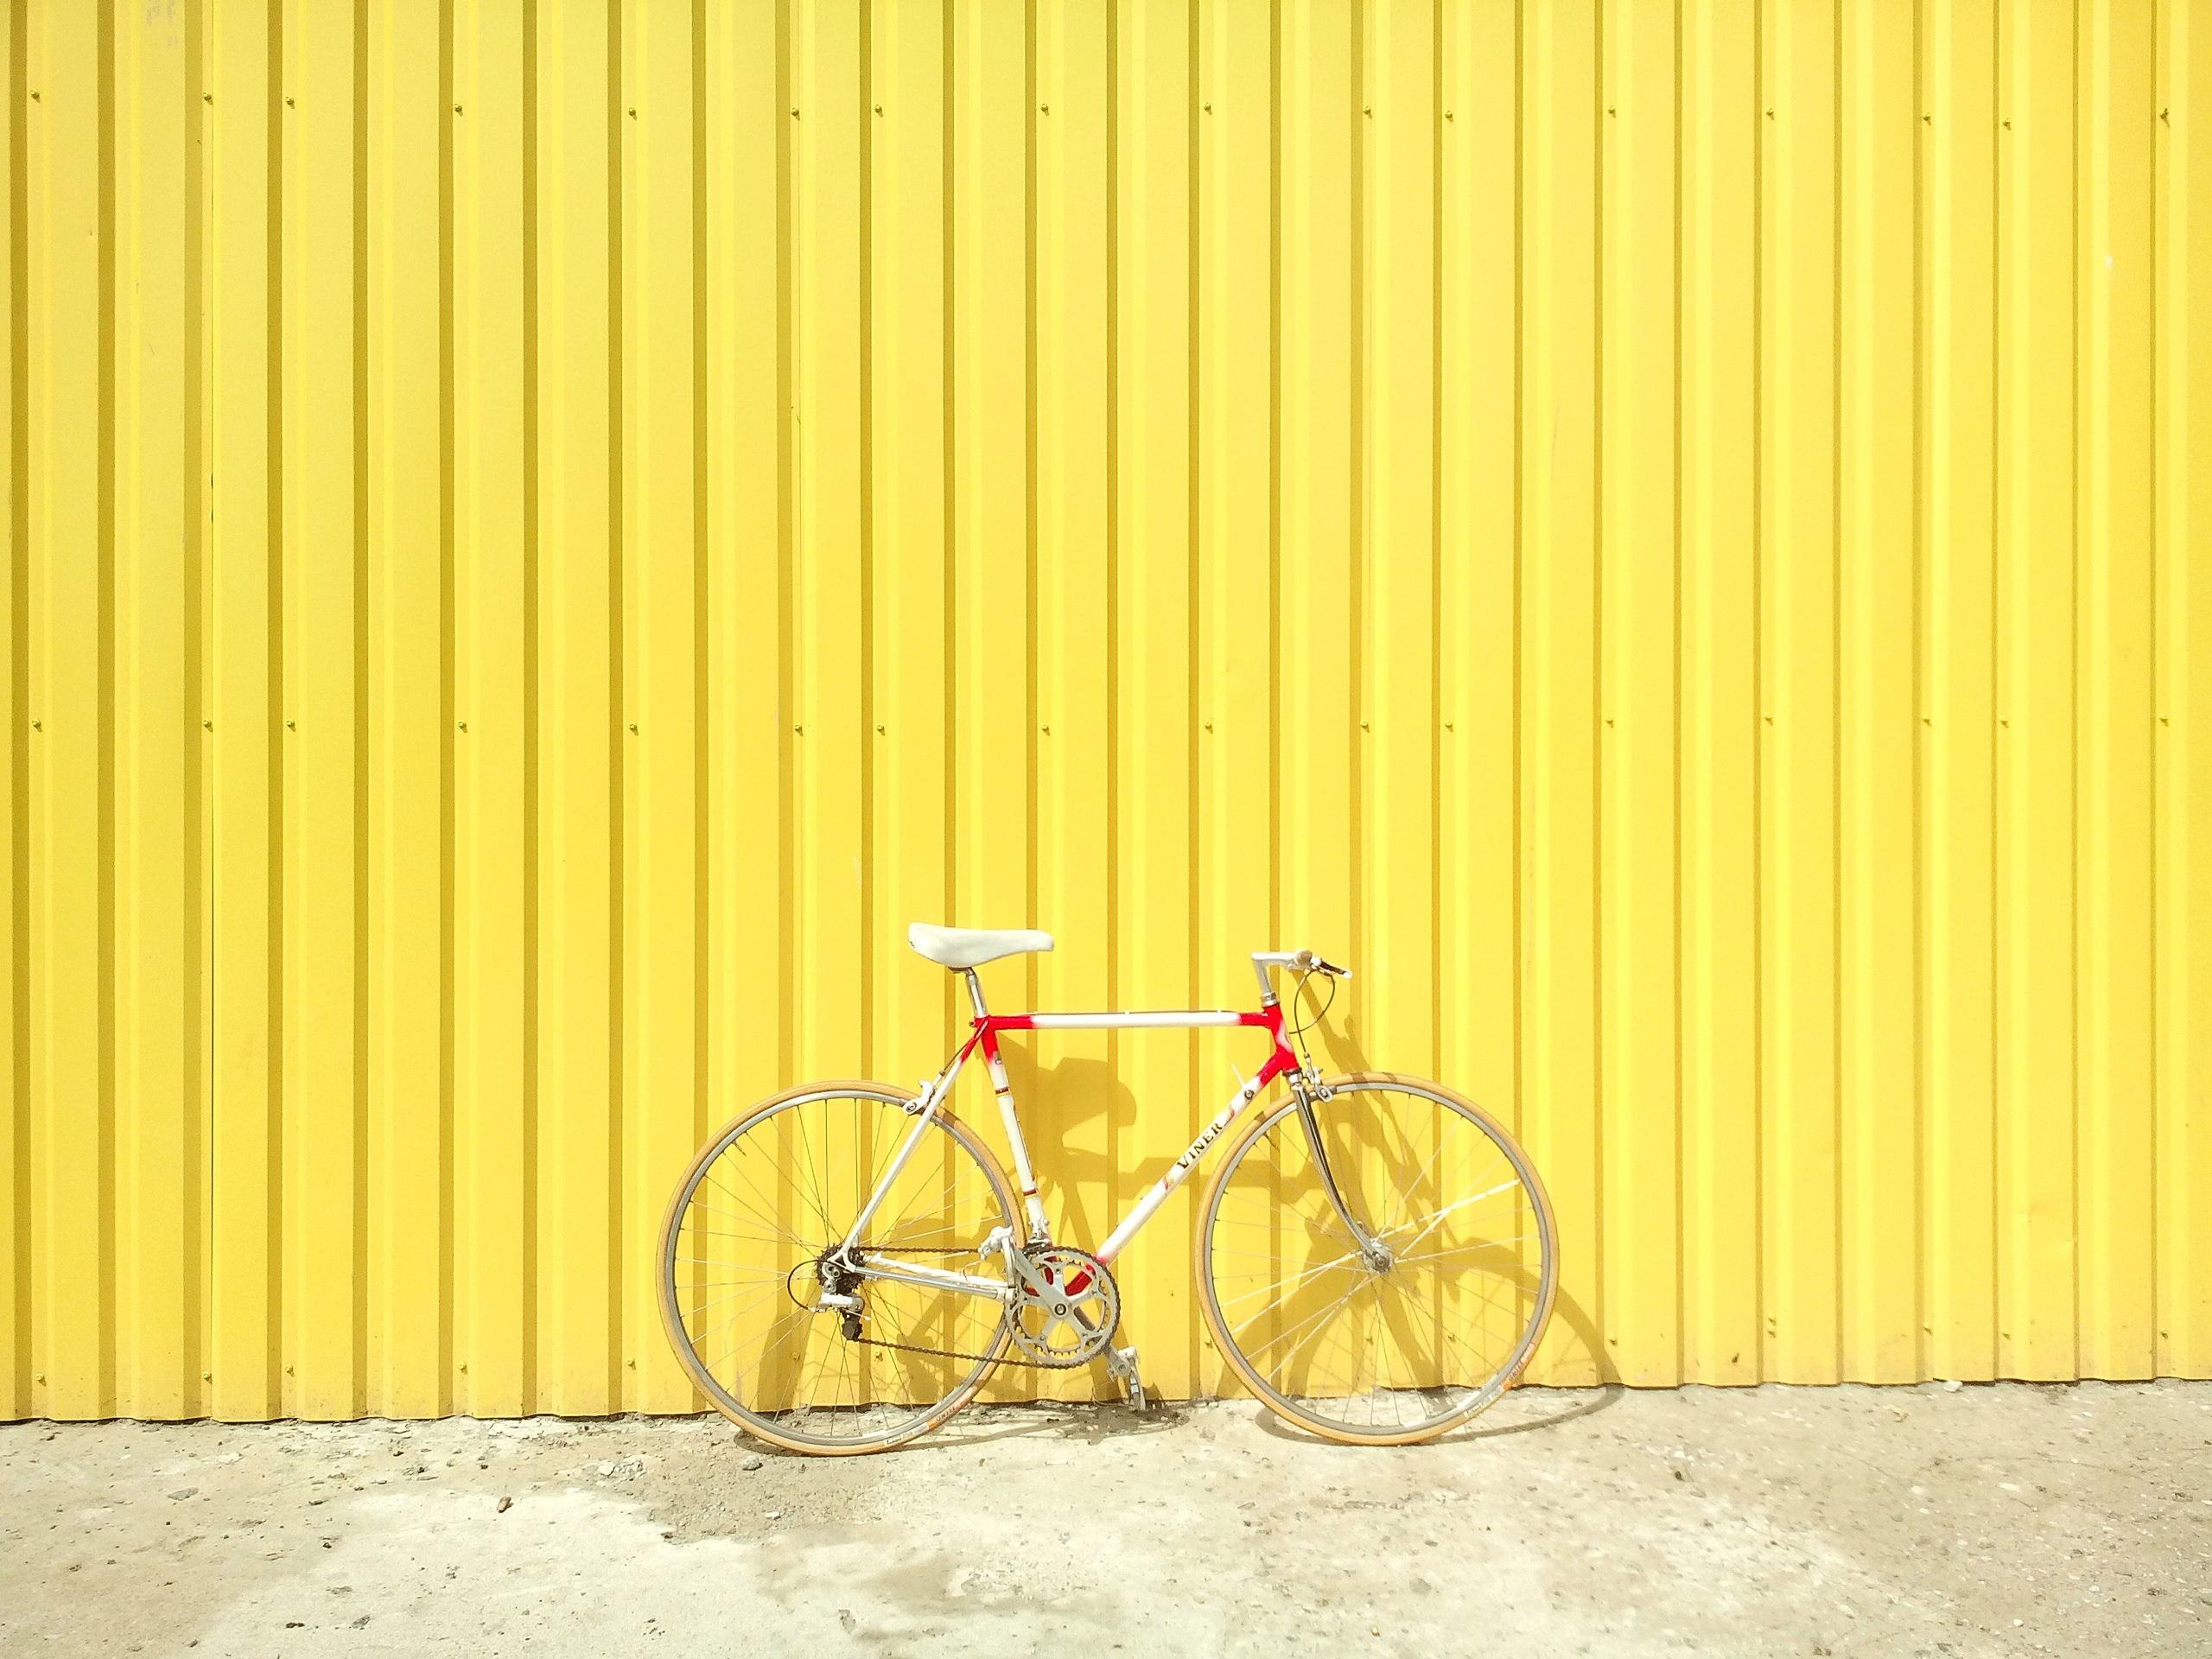 Para todos los que necesitáis vender vuestra bici y queréis conseguir el mejor precio, aquí van una serie de consejos